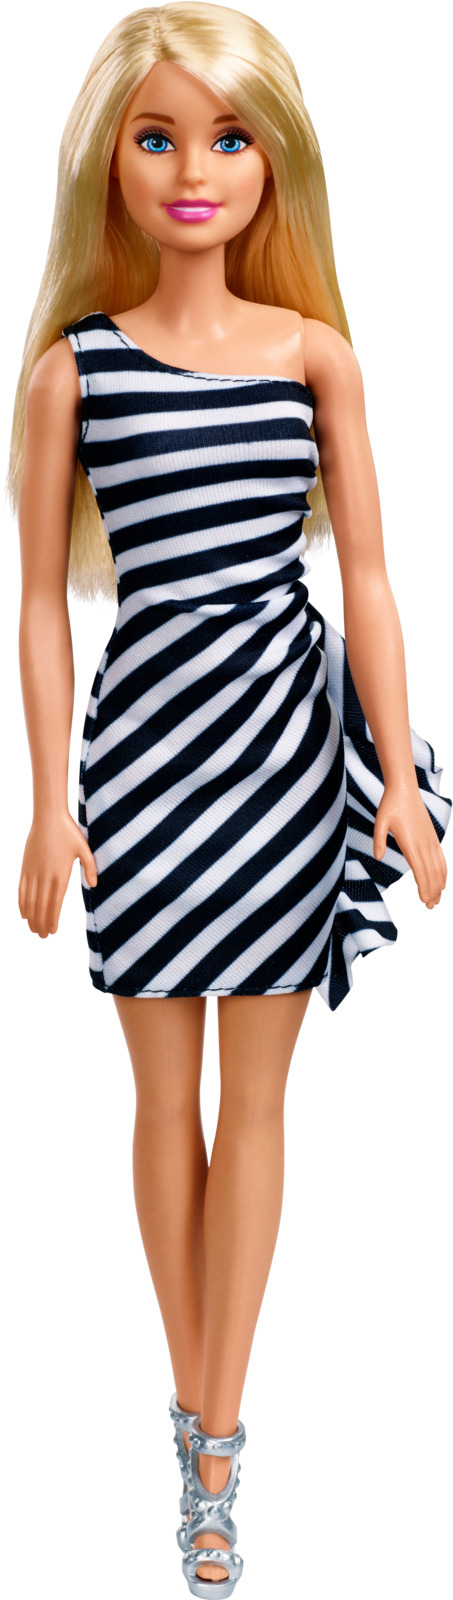 Barbie Кукла Блондинка Сияние моды цвет платья в полоску (черная, белая) цена 2017